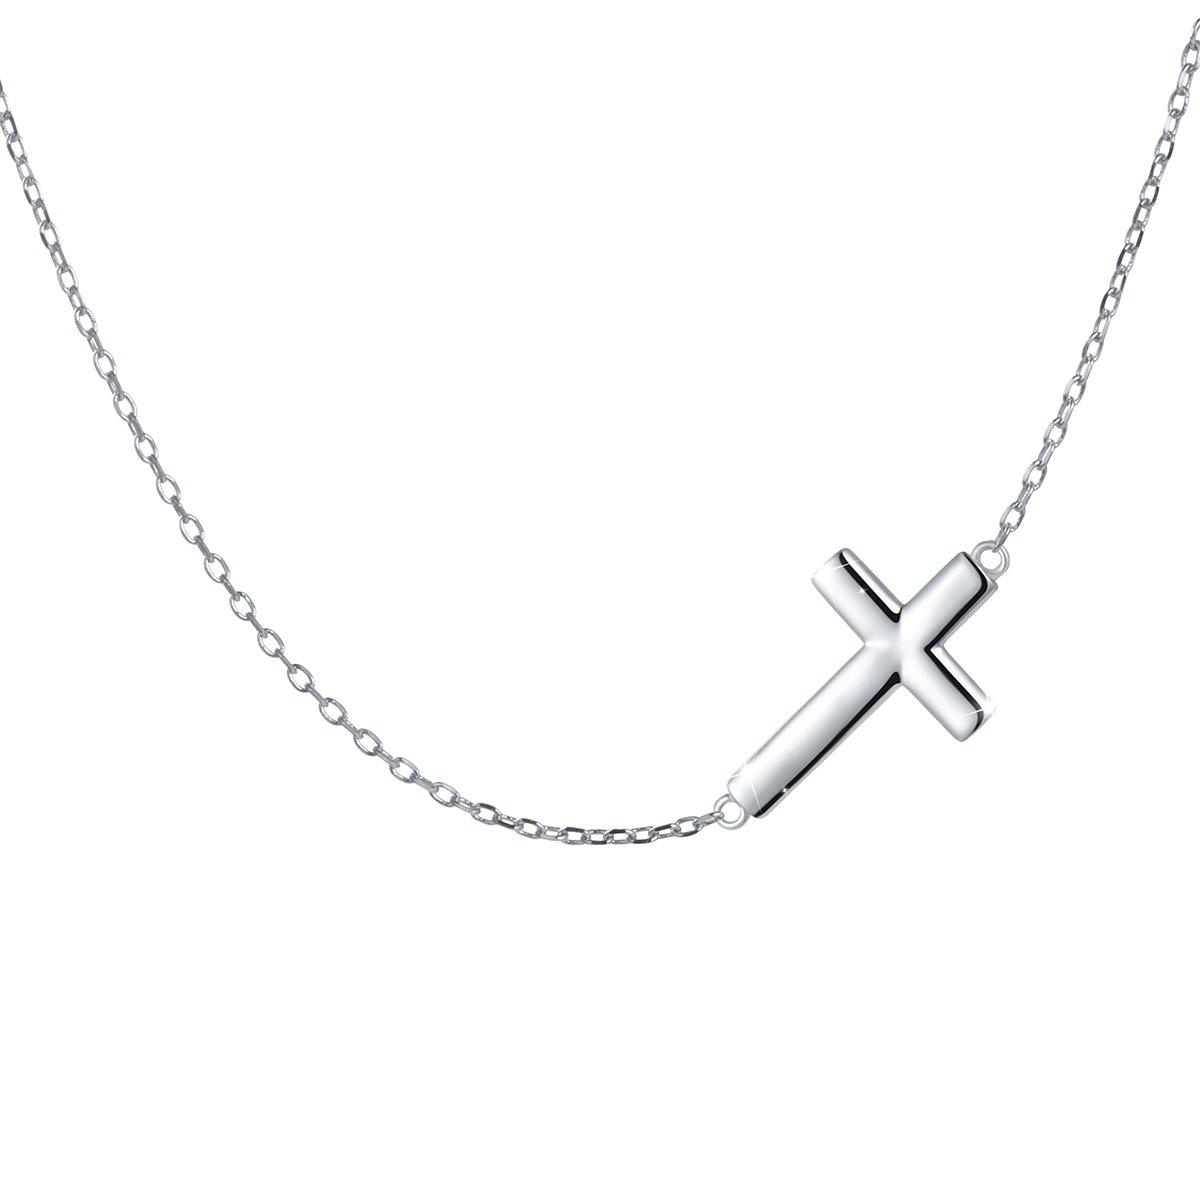 S925 Sterling Silver Jewelry Sideways Cross Choker Necklace 15+3''